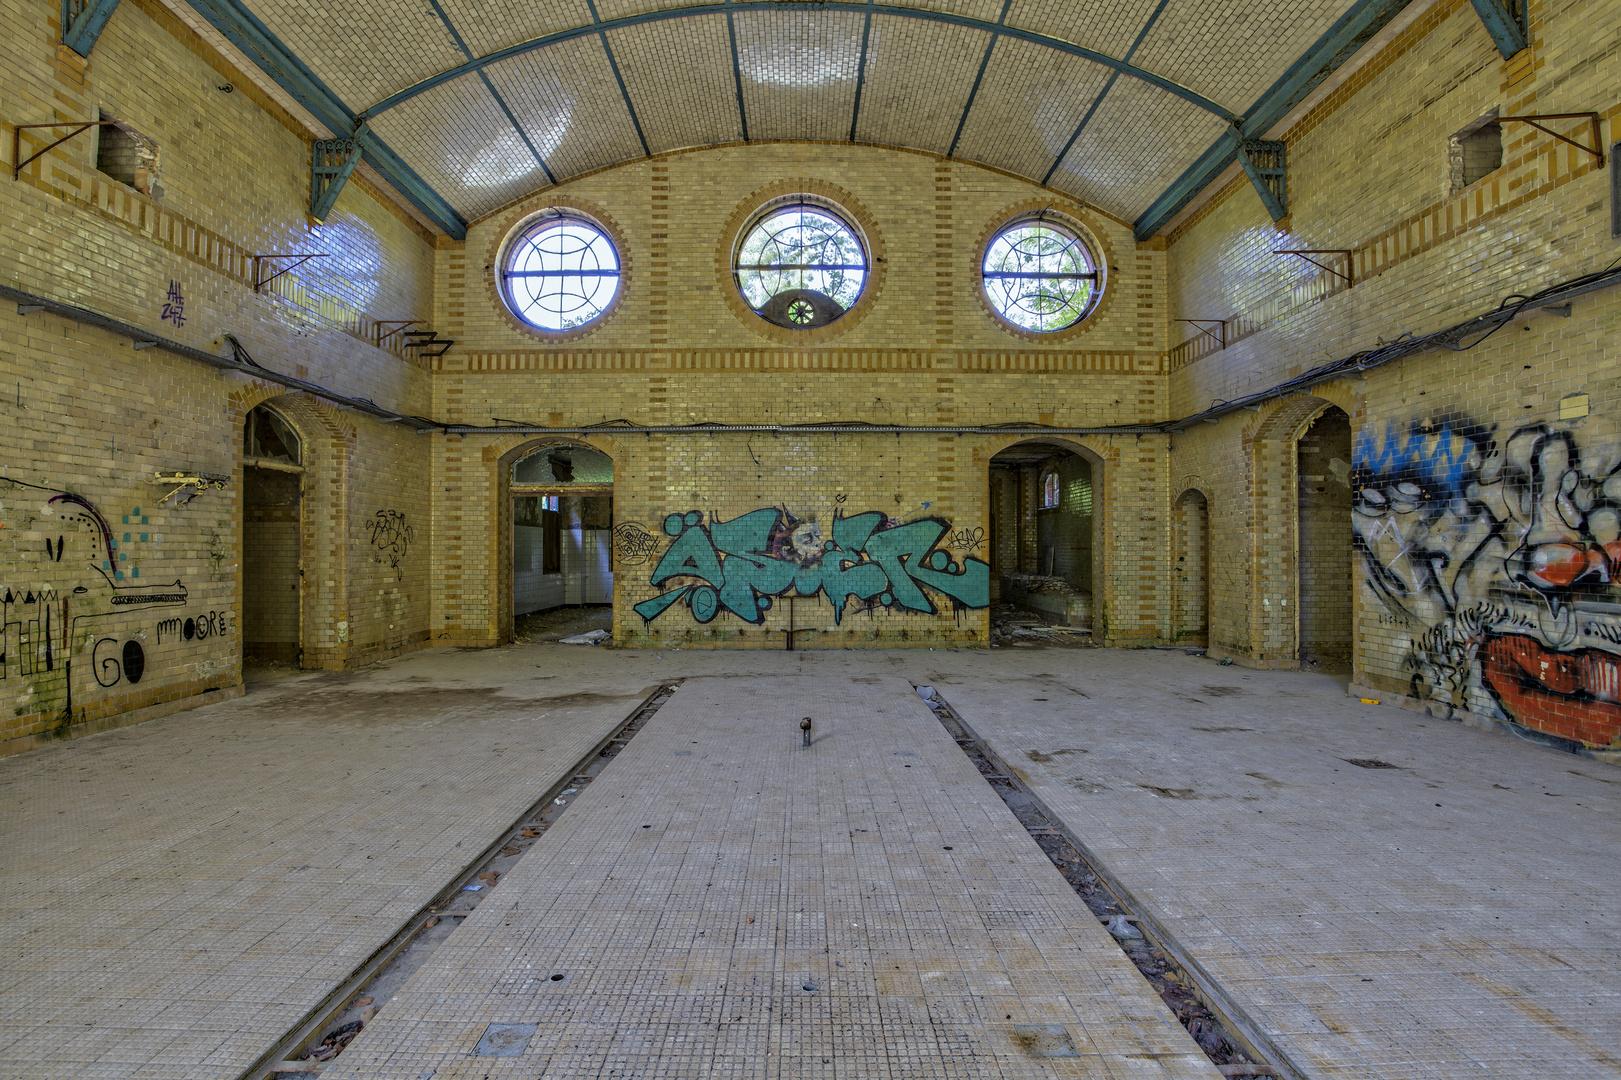 Beelitz Heilstätten - Frauensanatorium (74)